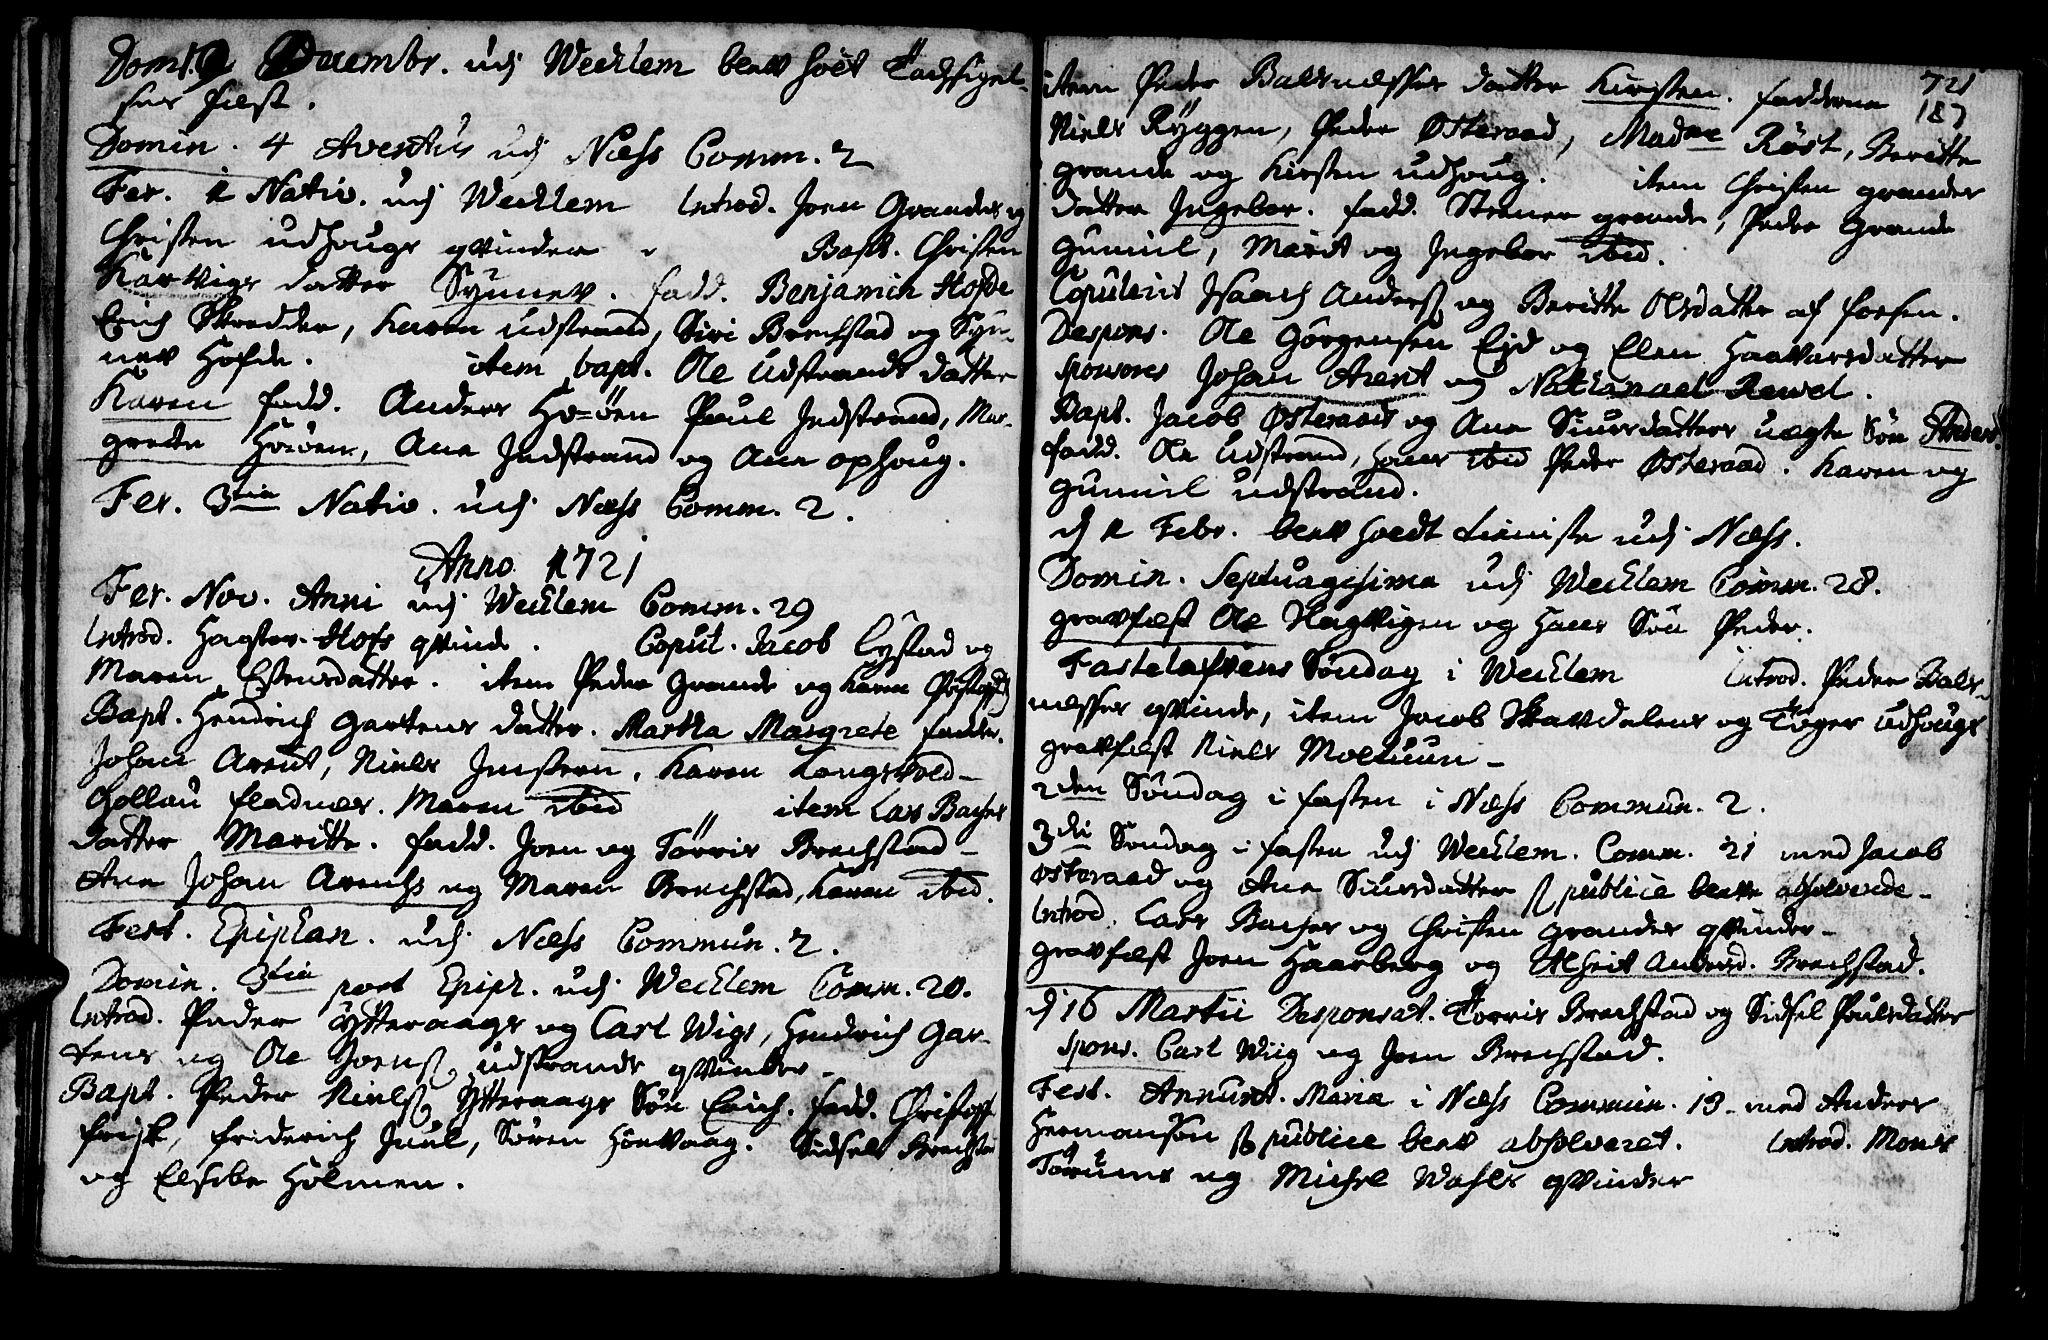 SAT, Ministerialprotokoller, klokkerbøker og fødselsregistre - Sør-Trøndelag, 659/L0731: Ministerialbok nr. 659A01, 1709-1731, s. 186-187